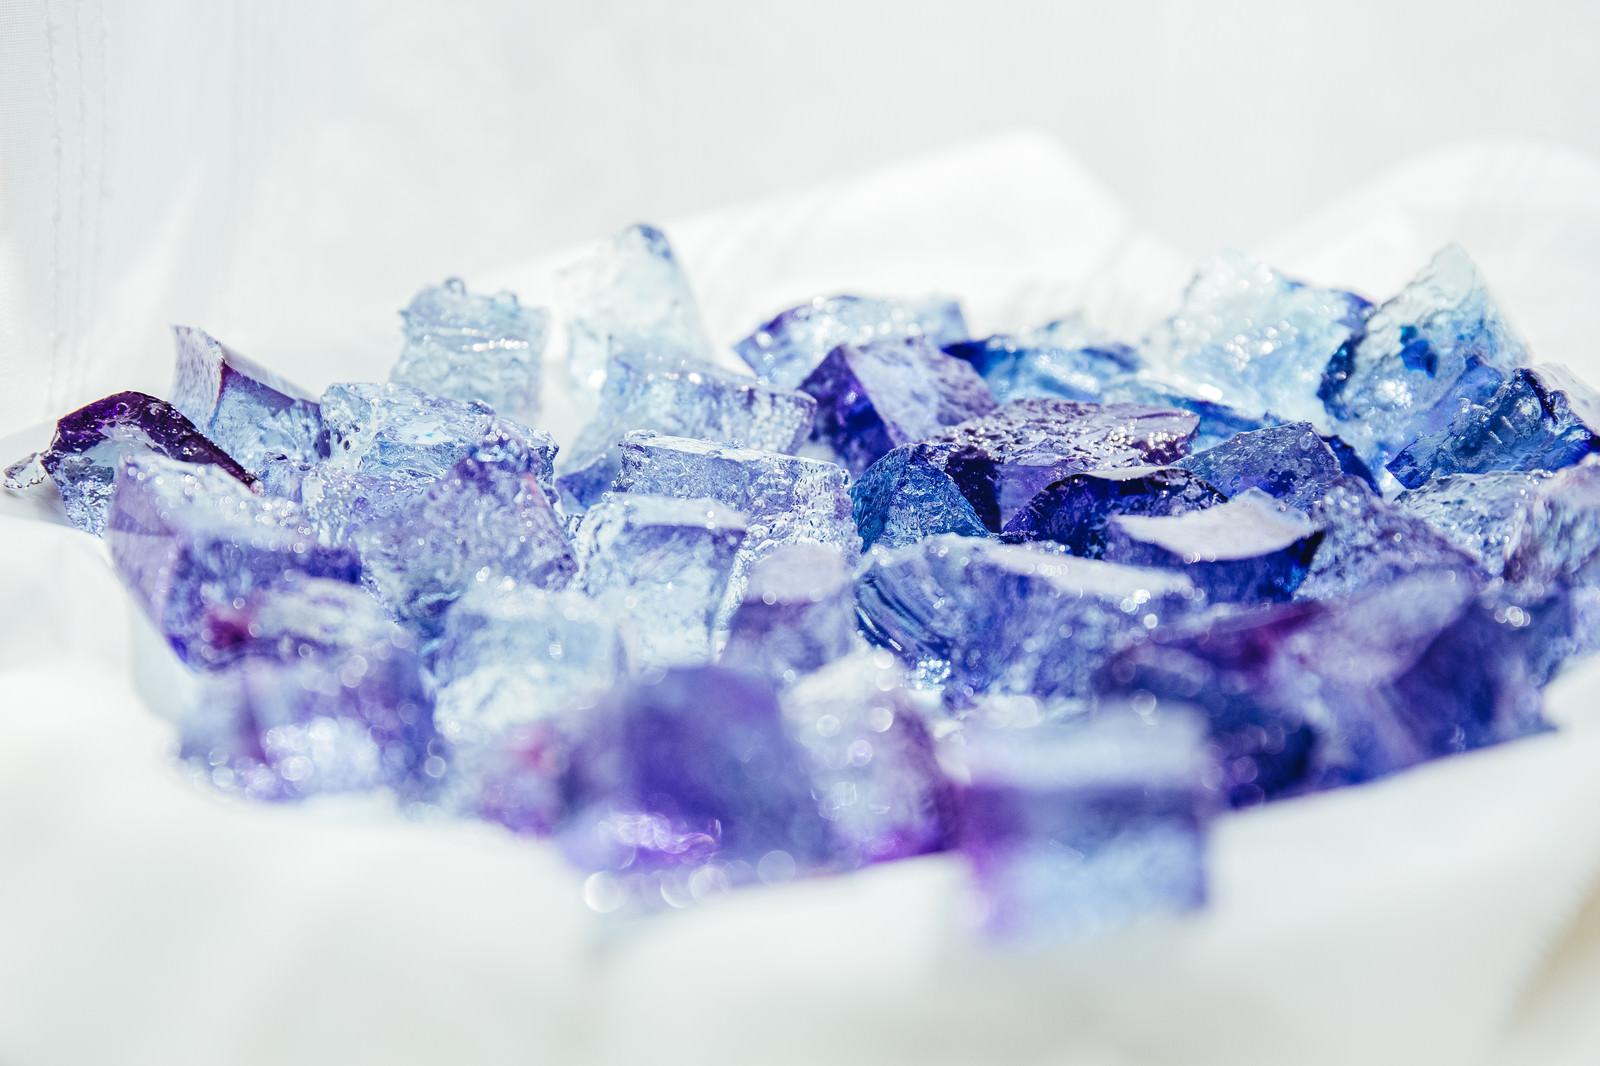 「青い琥珀糖」の写真